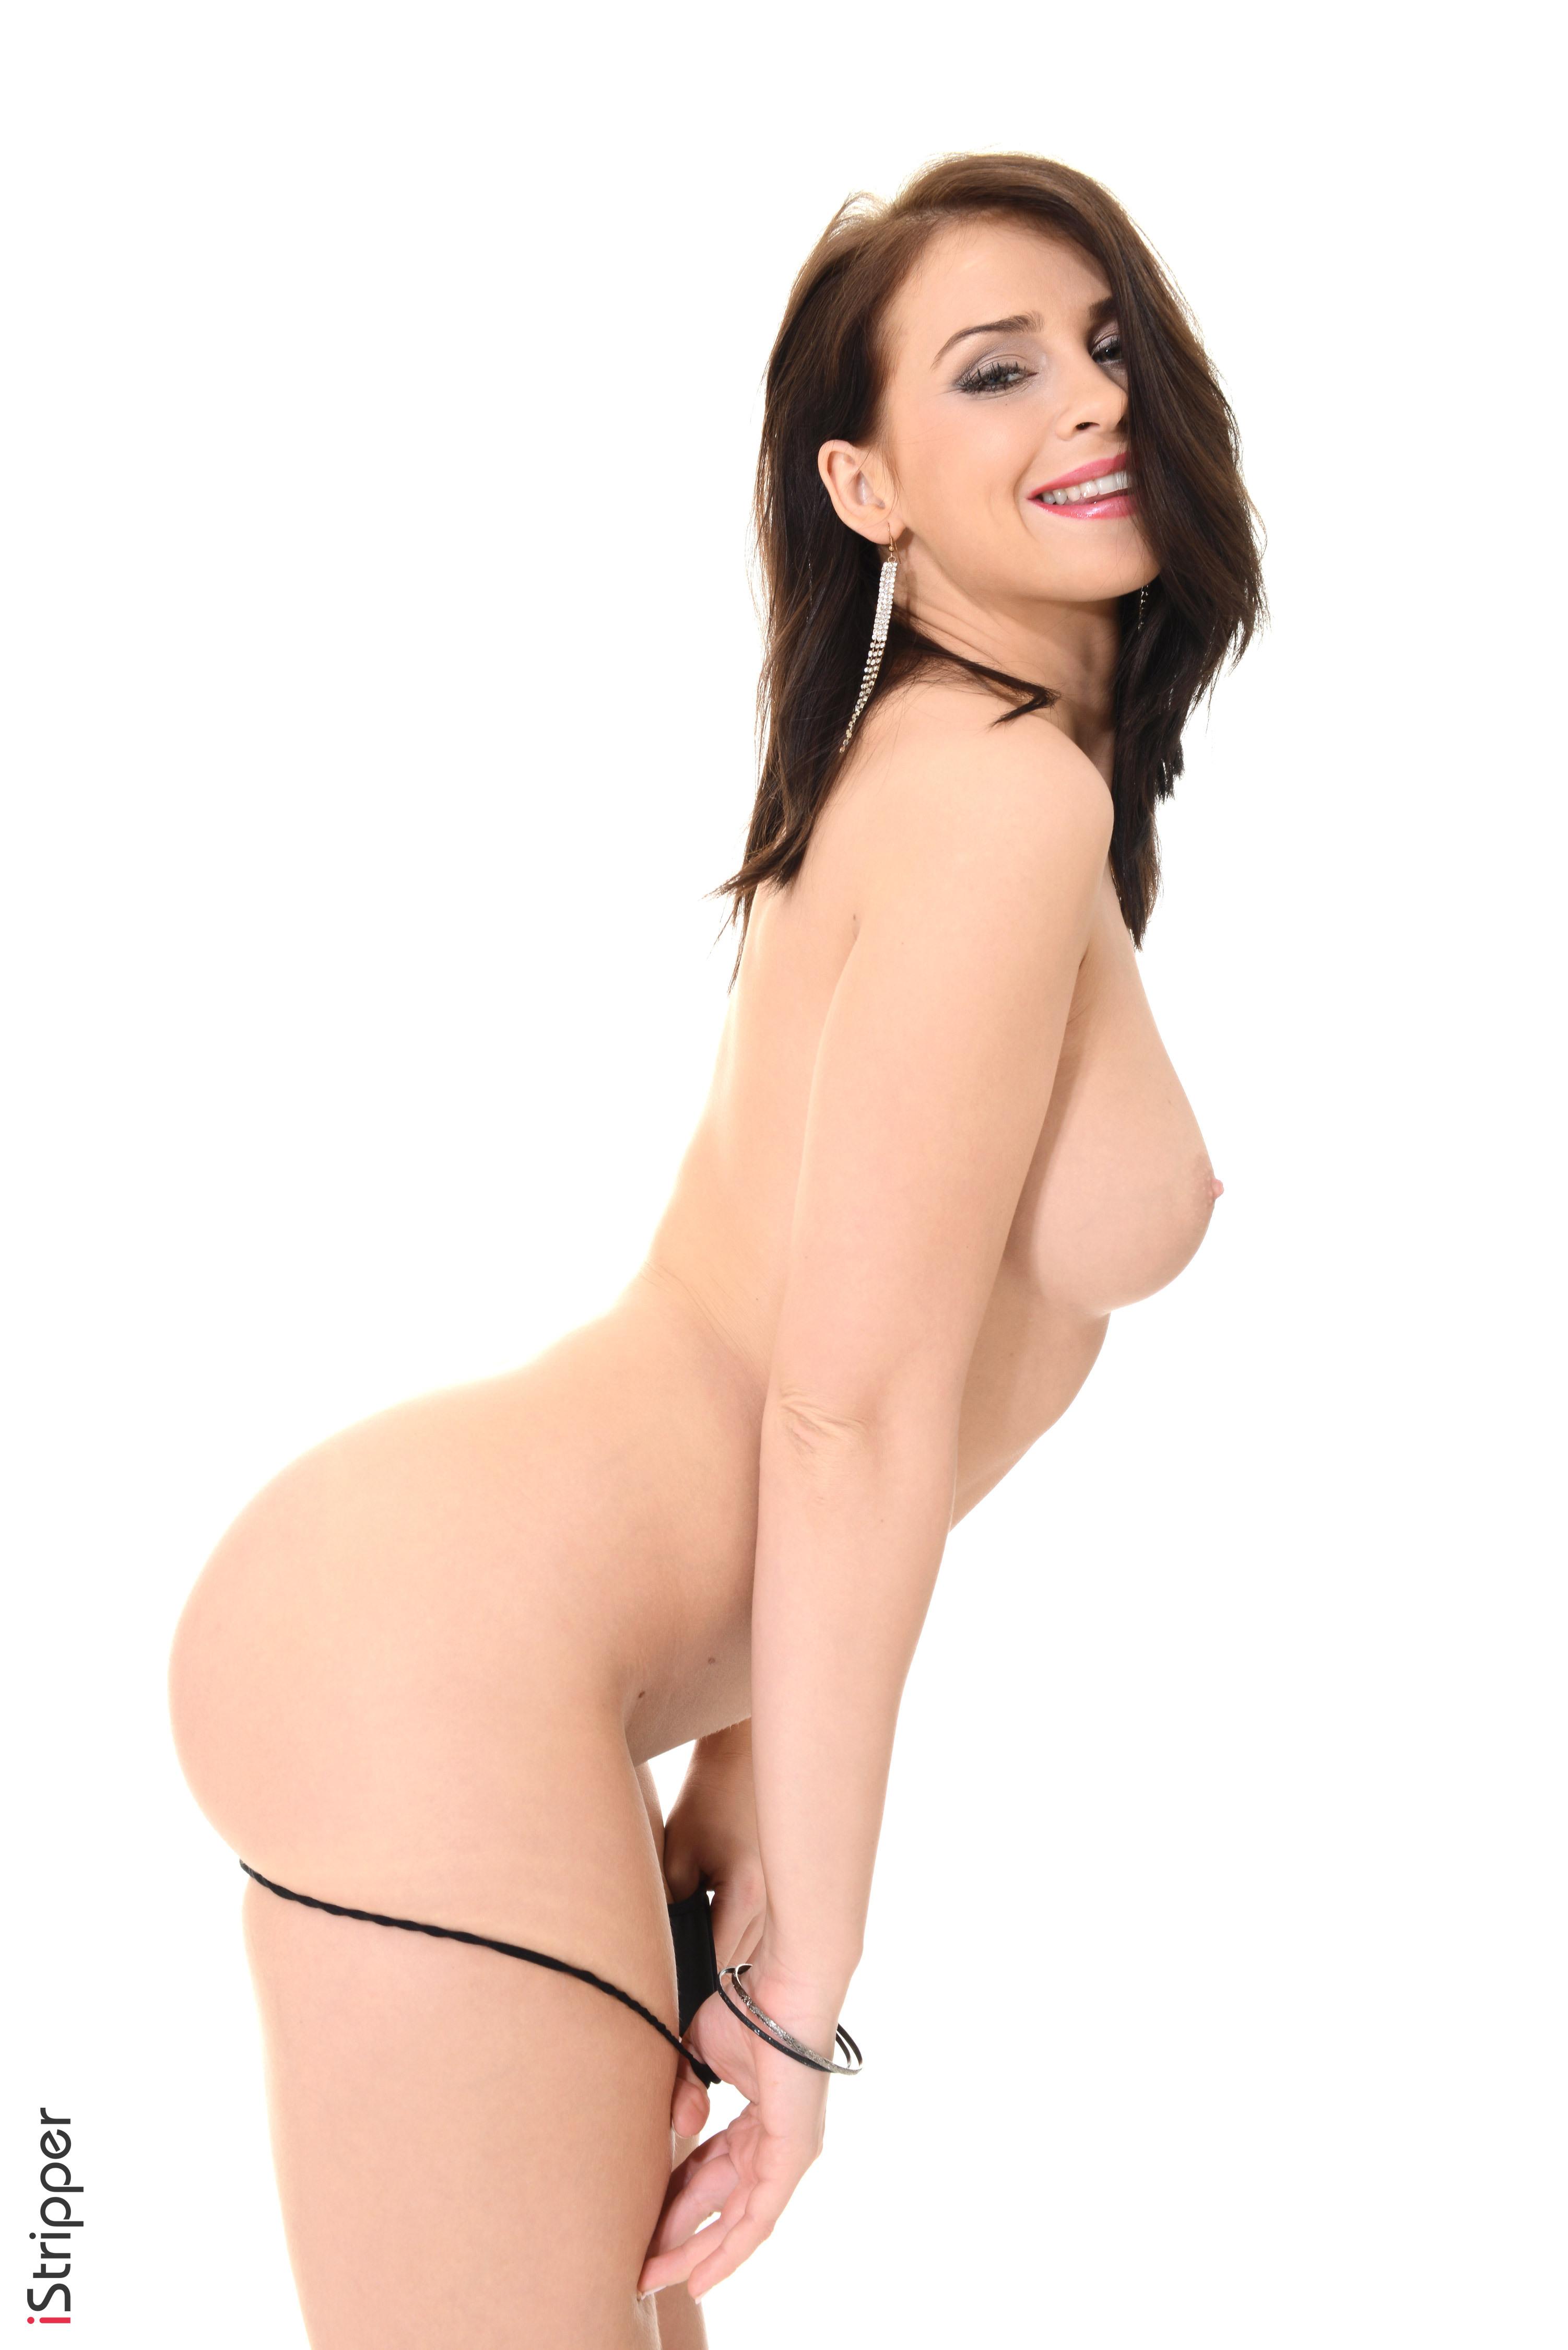 hot girls stripping gif